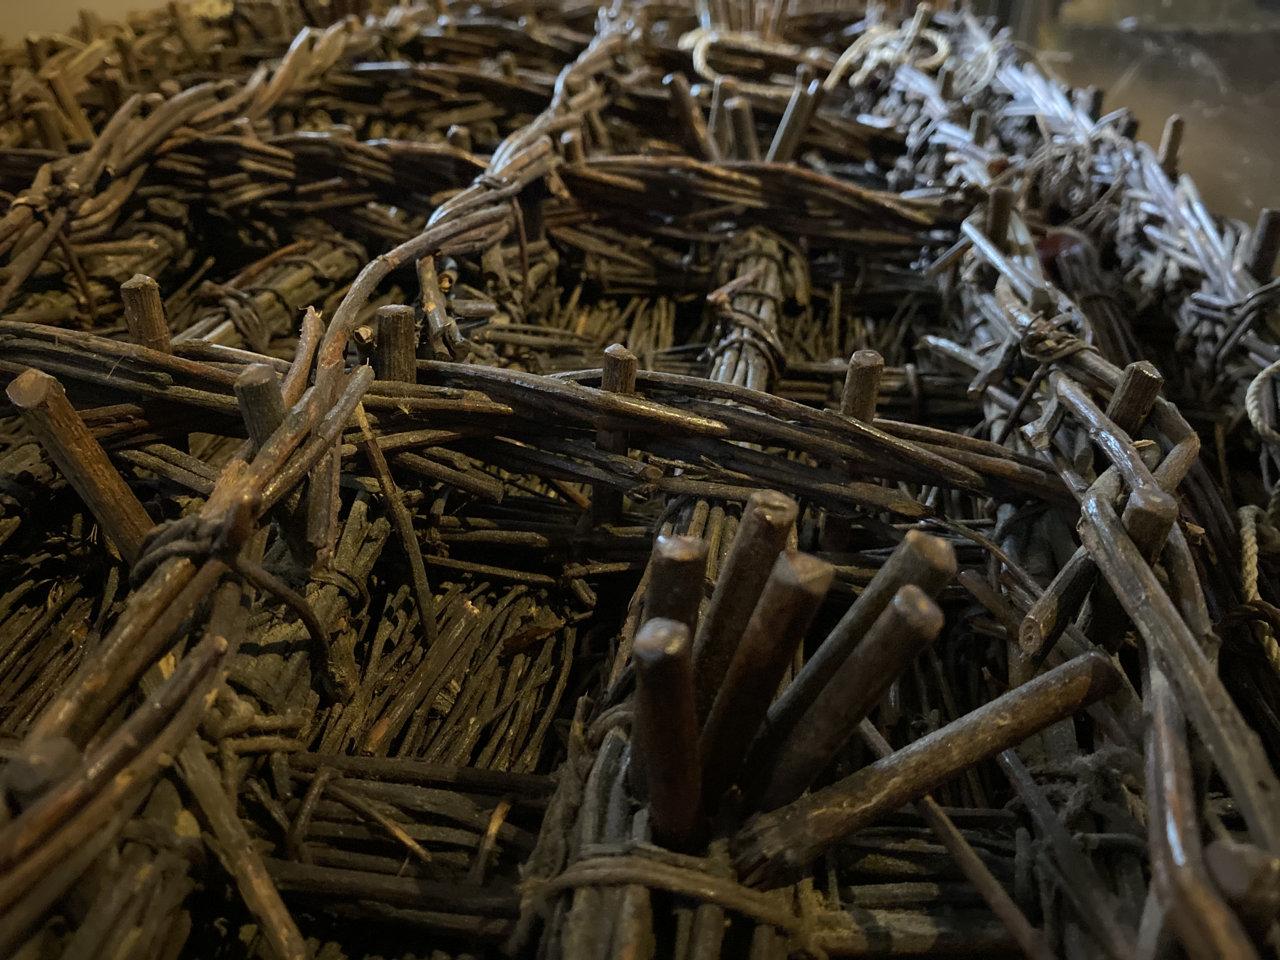 Een zinkstuk is een volledig uit wilgenhout opgebouwde mat. De techniek is ruim 300 jaar oud en wordt nog steeds toegepast, naast zinkstukken van kunststoffen.